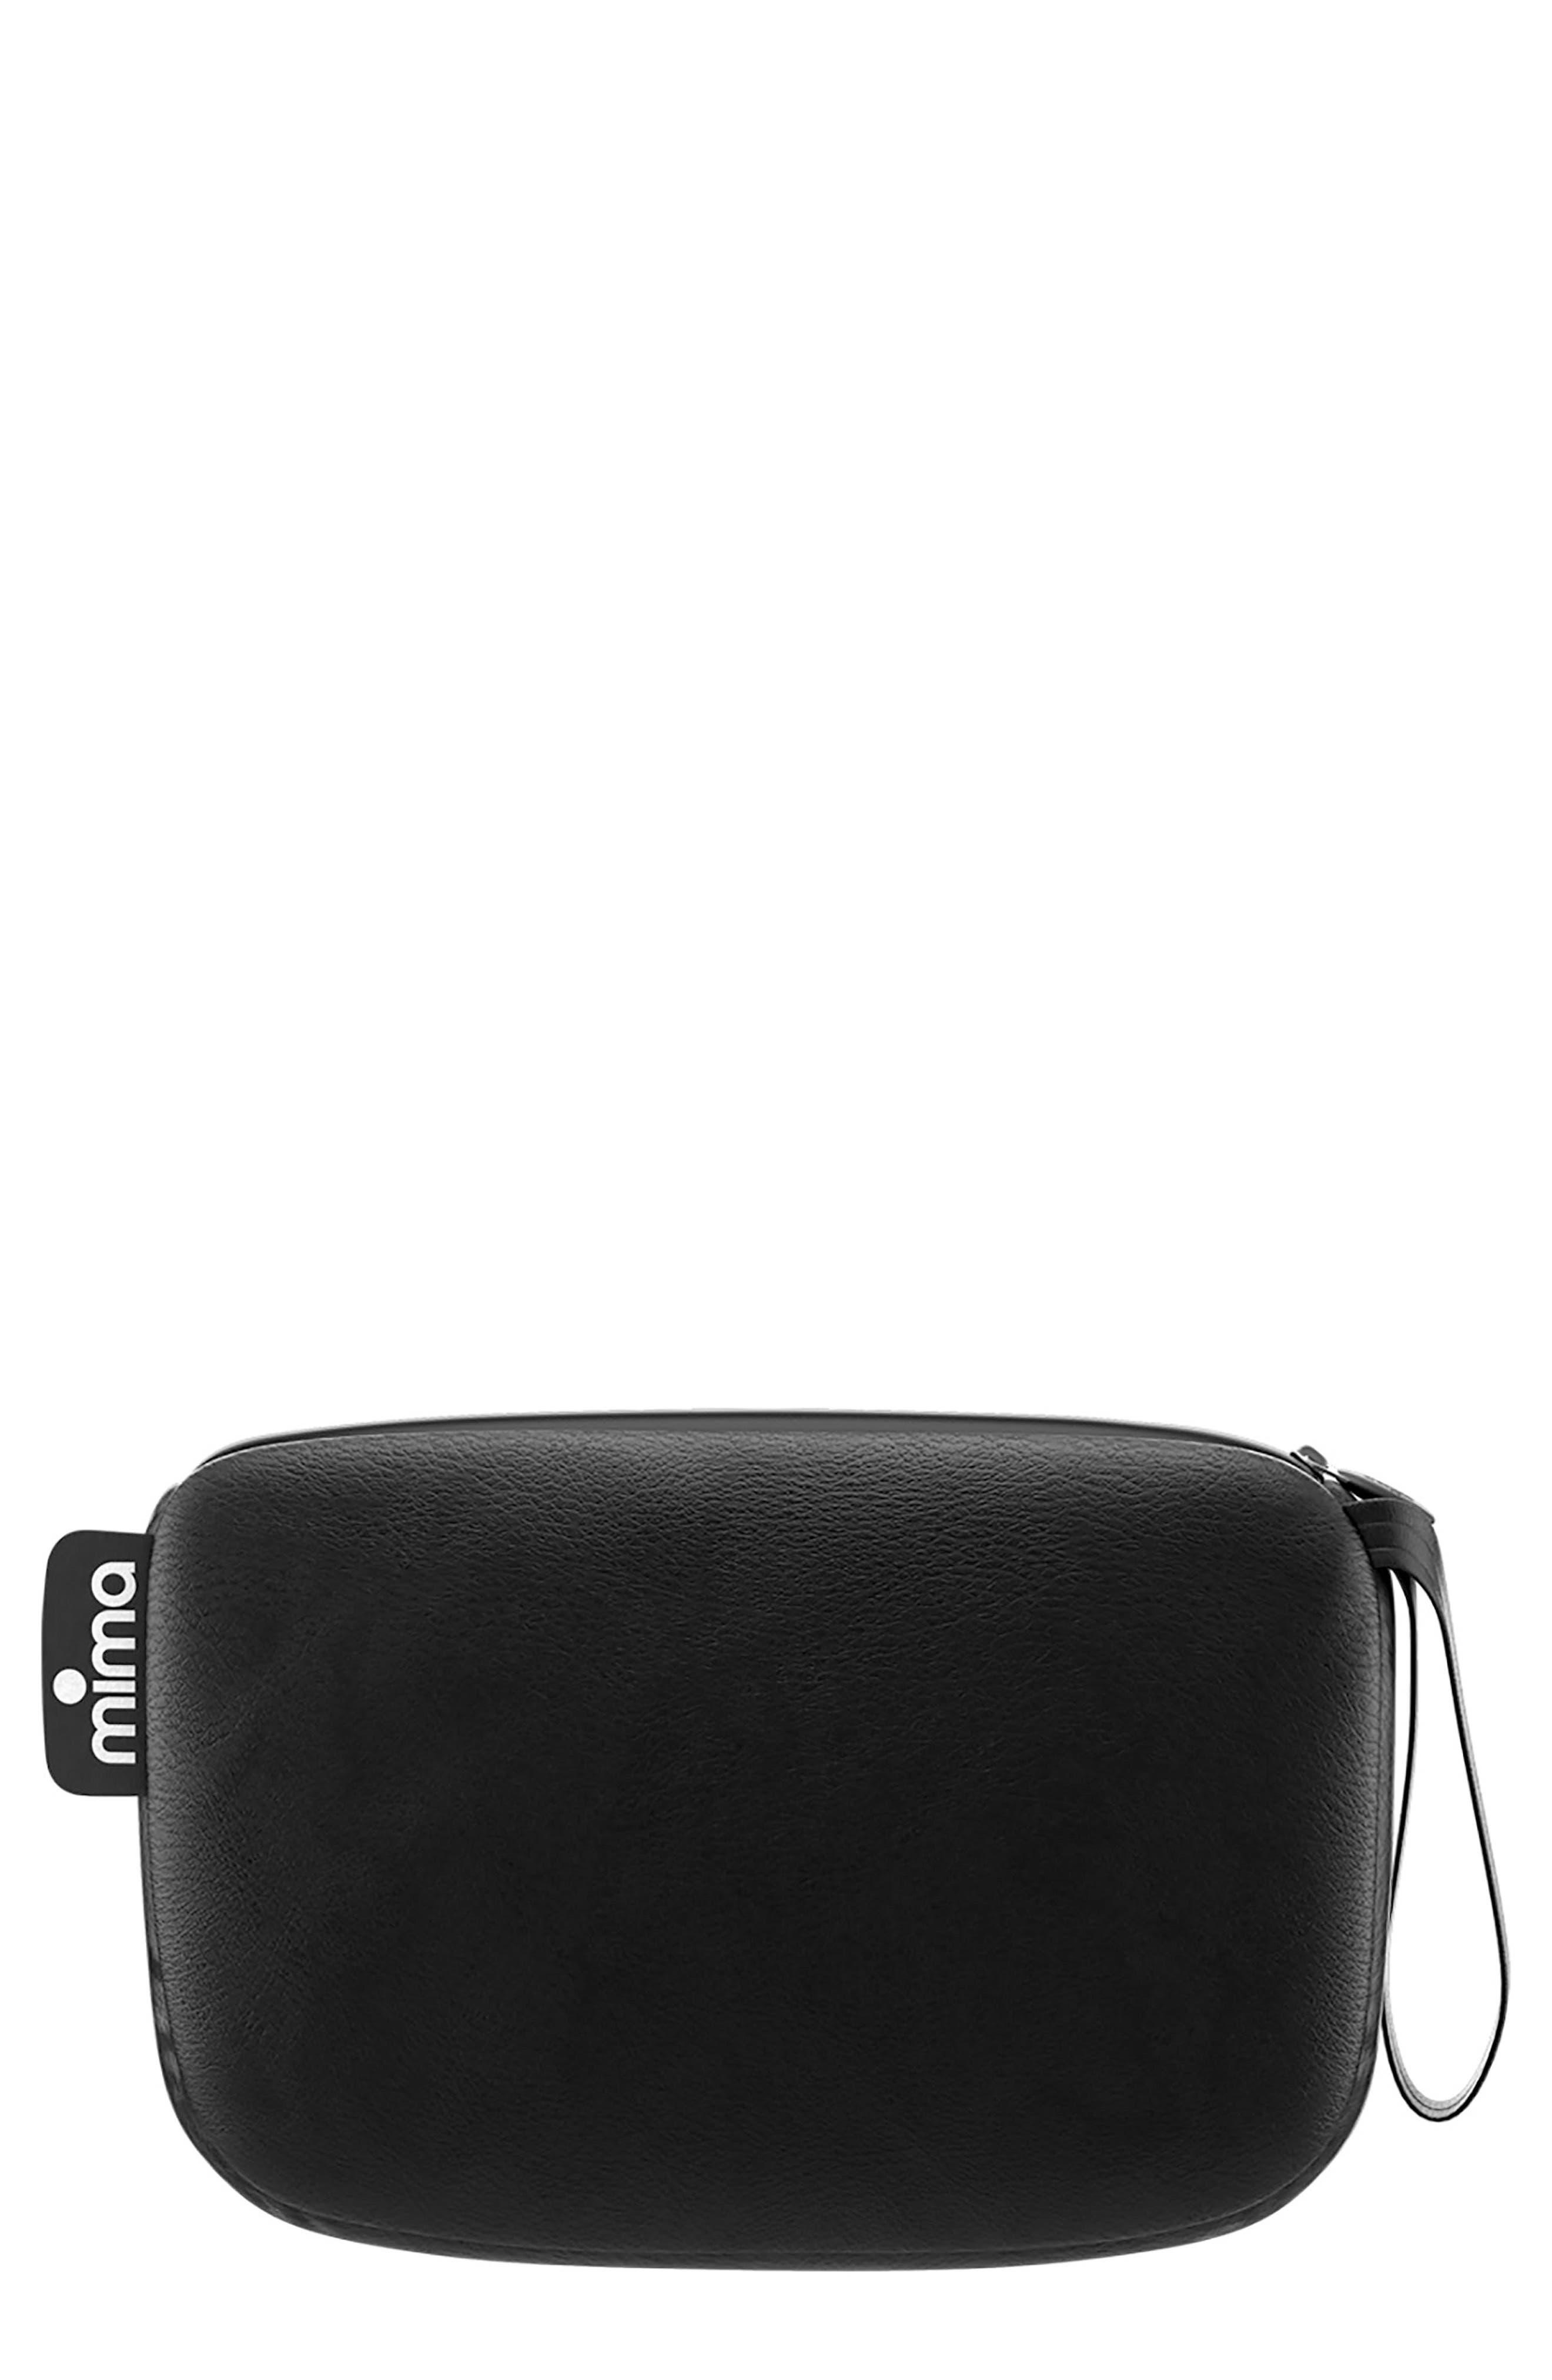 Faux Leather Clutch,                             Main thumbnail 1, color,                             BLACK